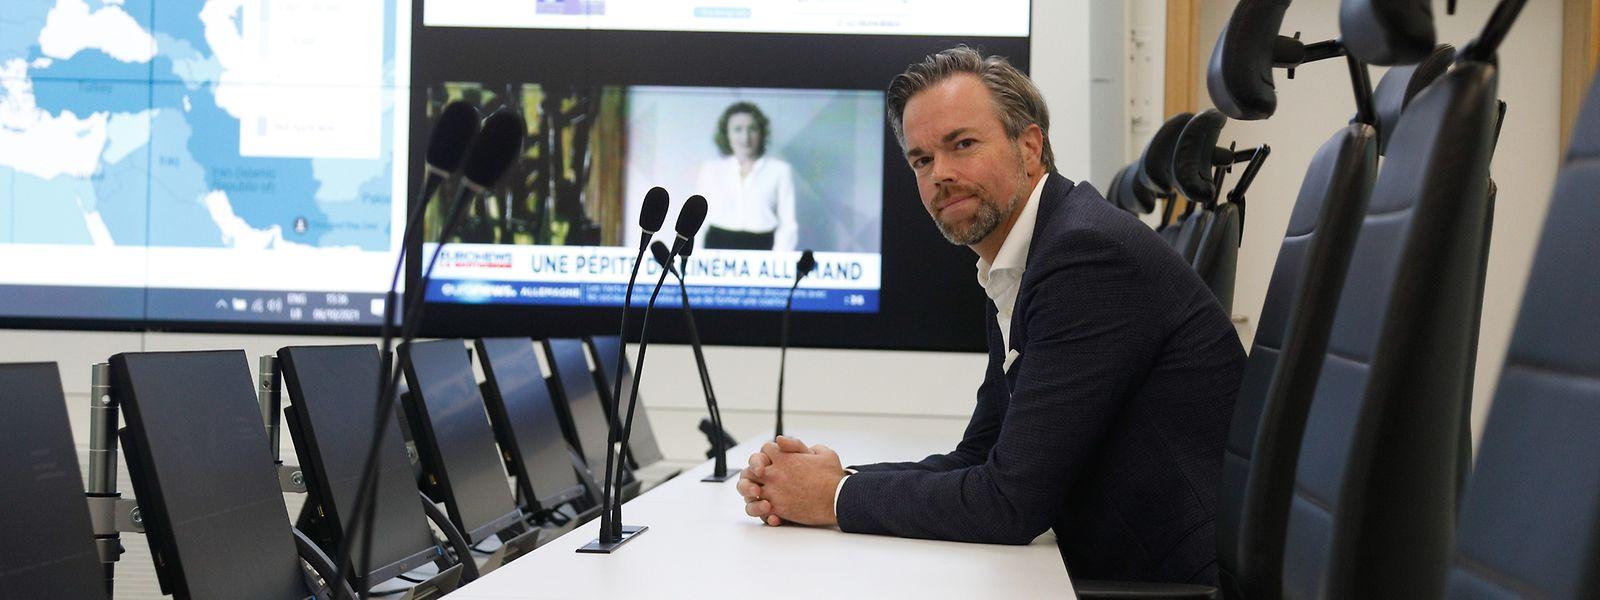 Luc Feller ist seit Ende Dezember 2016 Hoher Kommissar für die nationale Sicherheit.